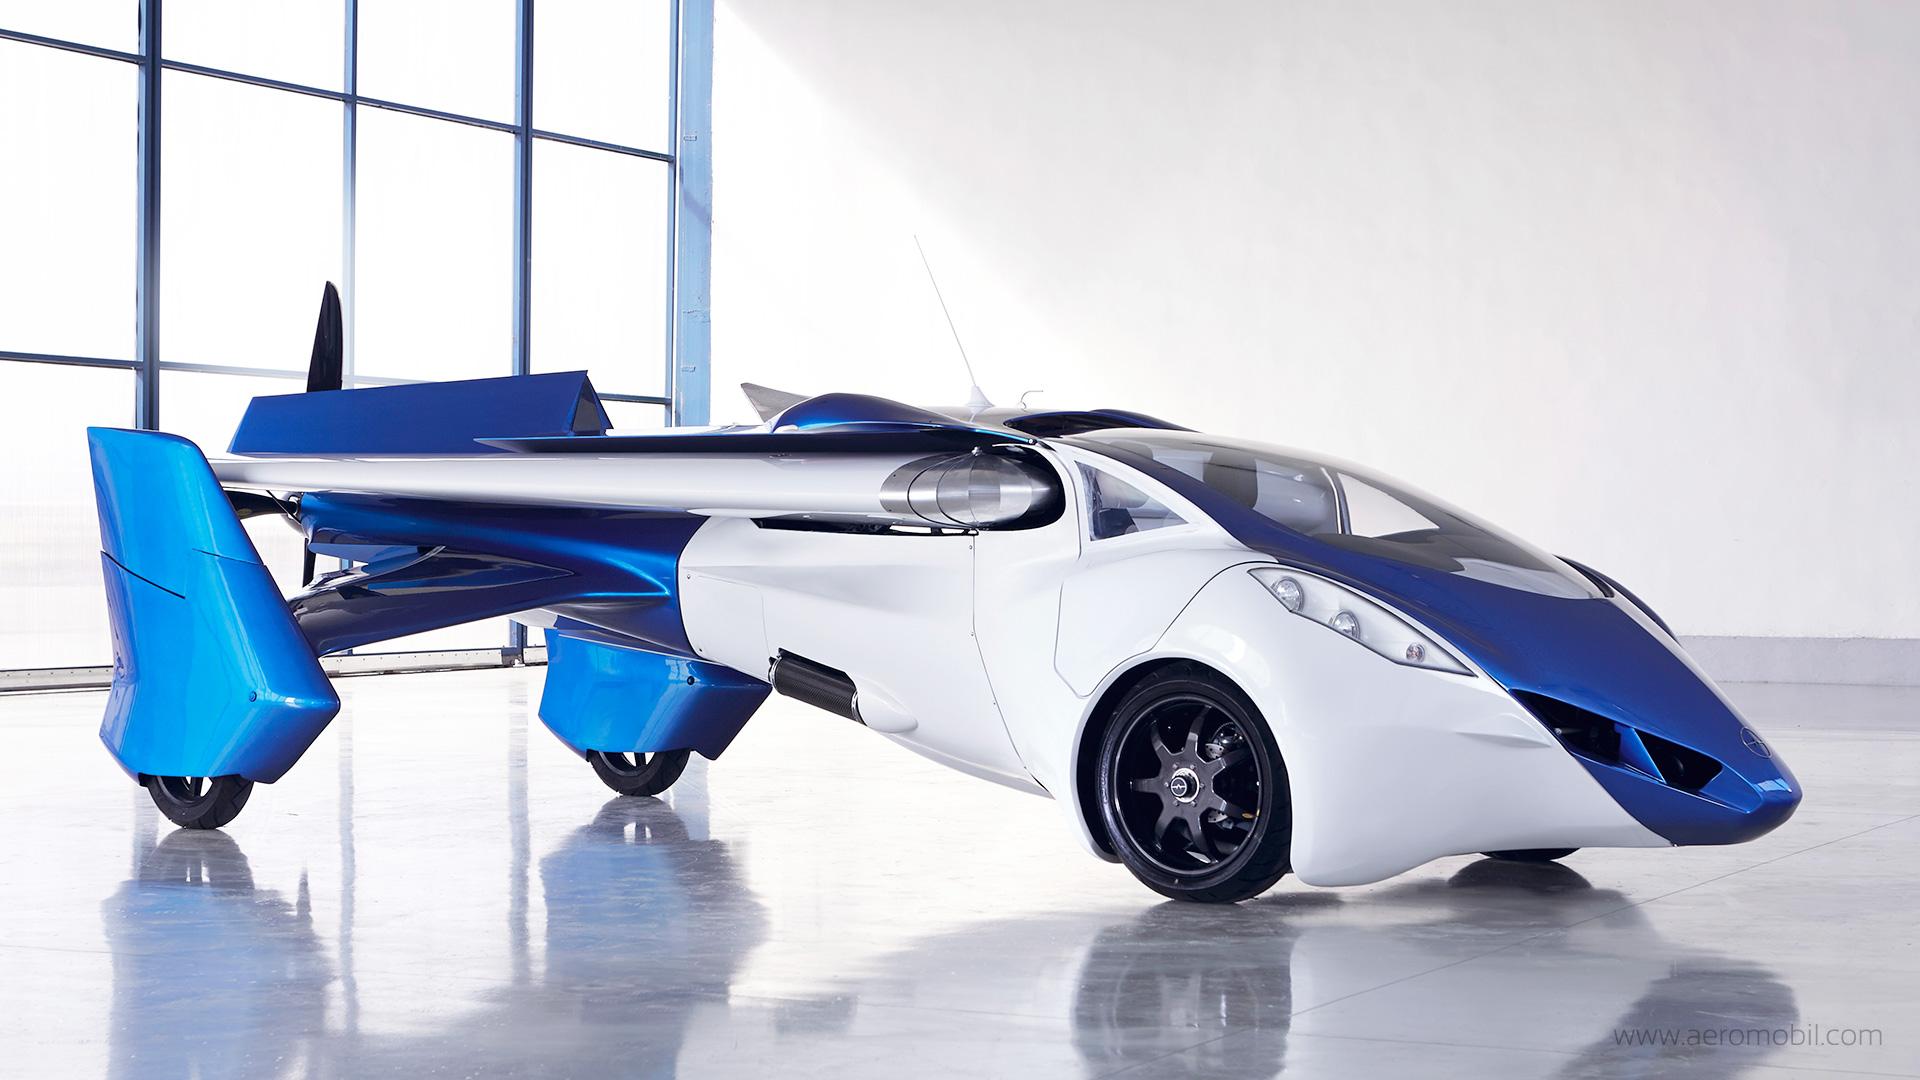 Aero Mobil Uçan Araba